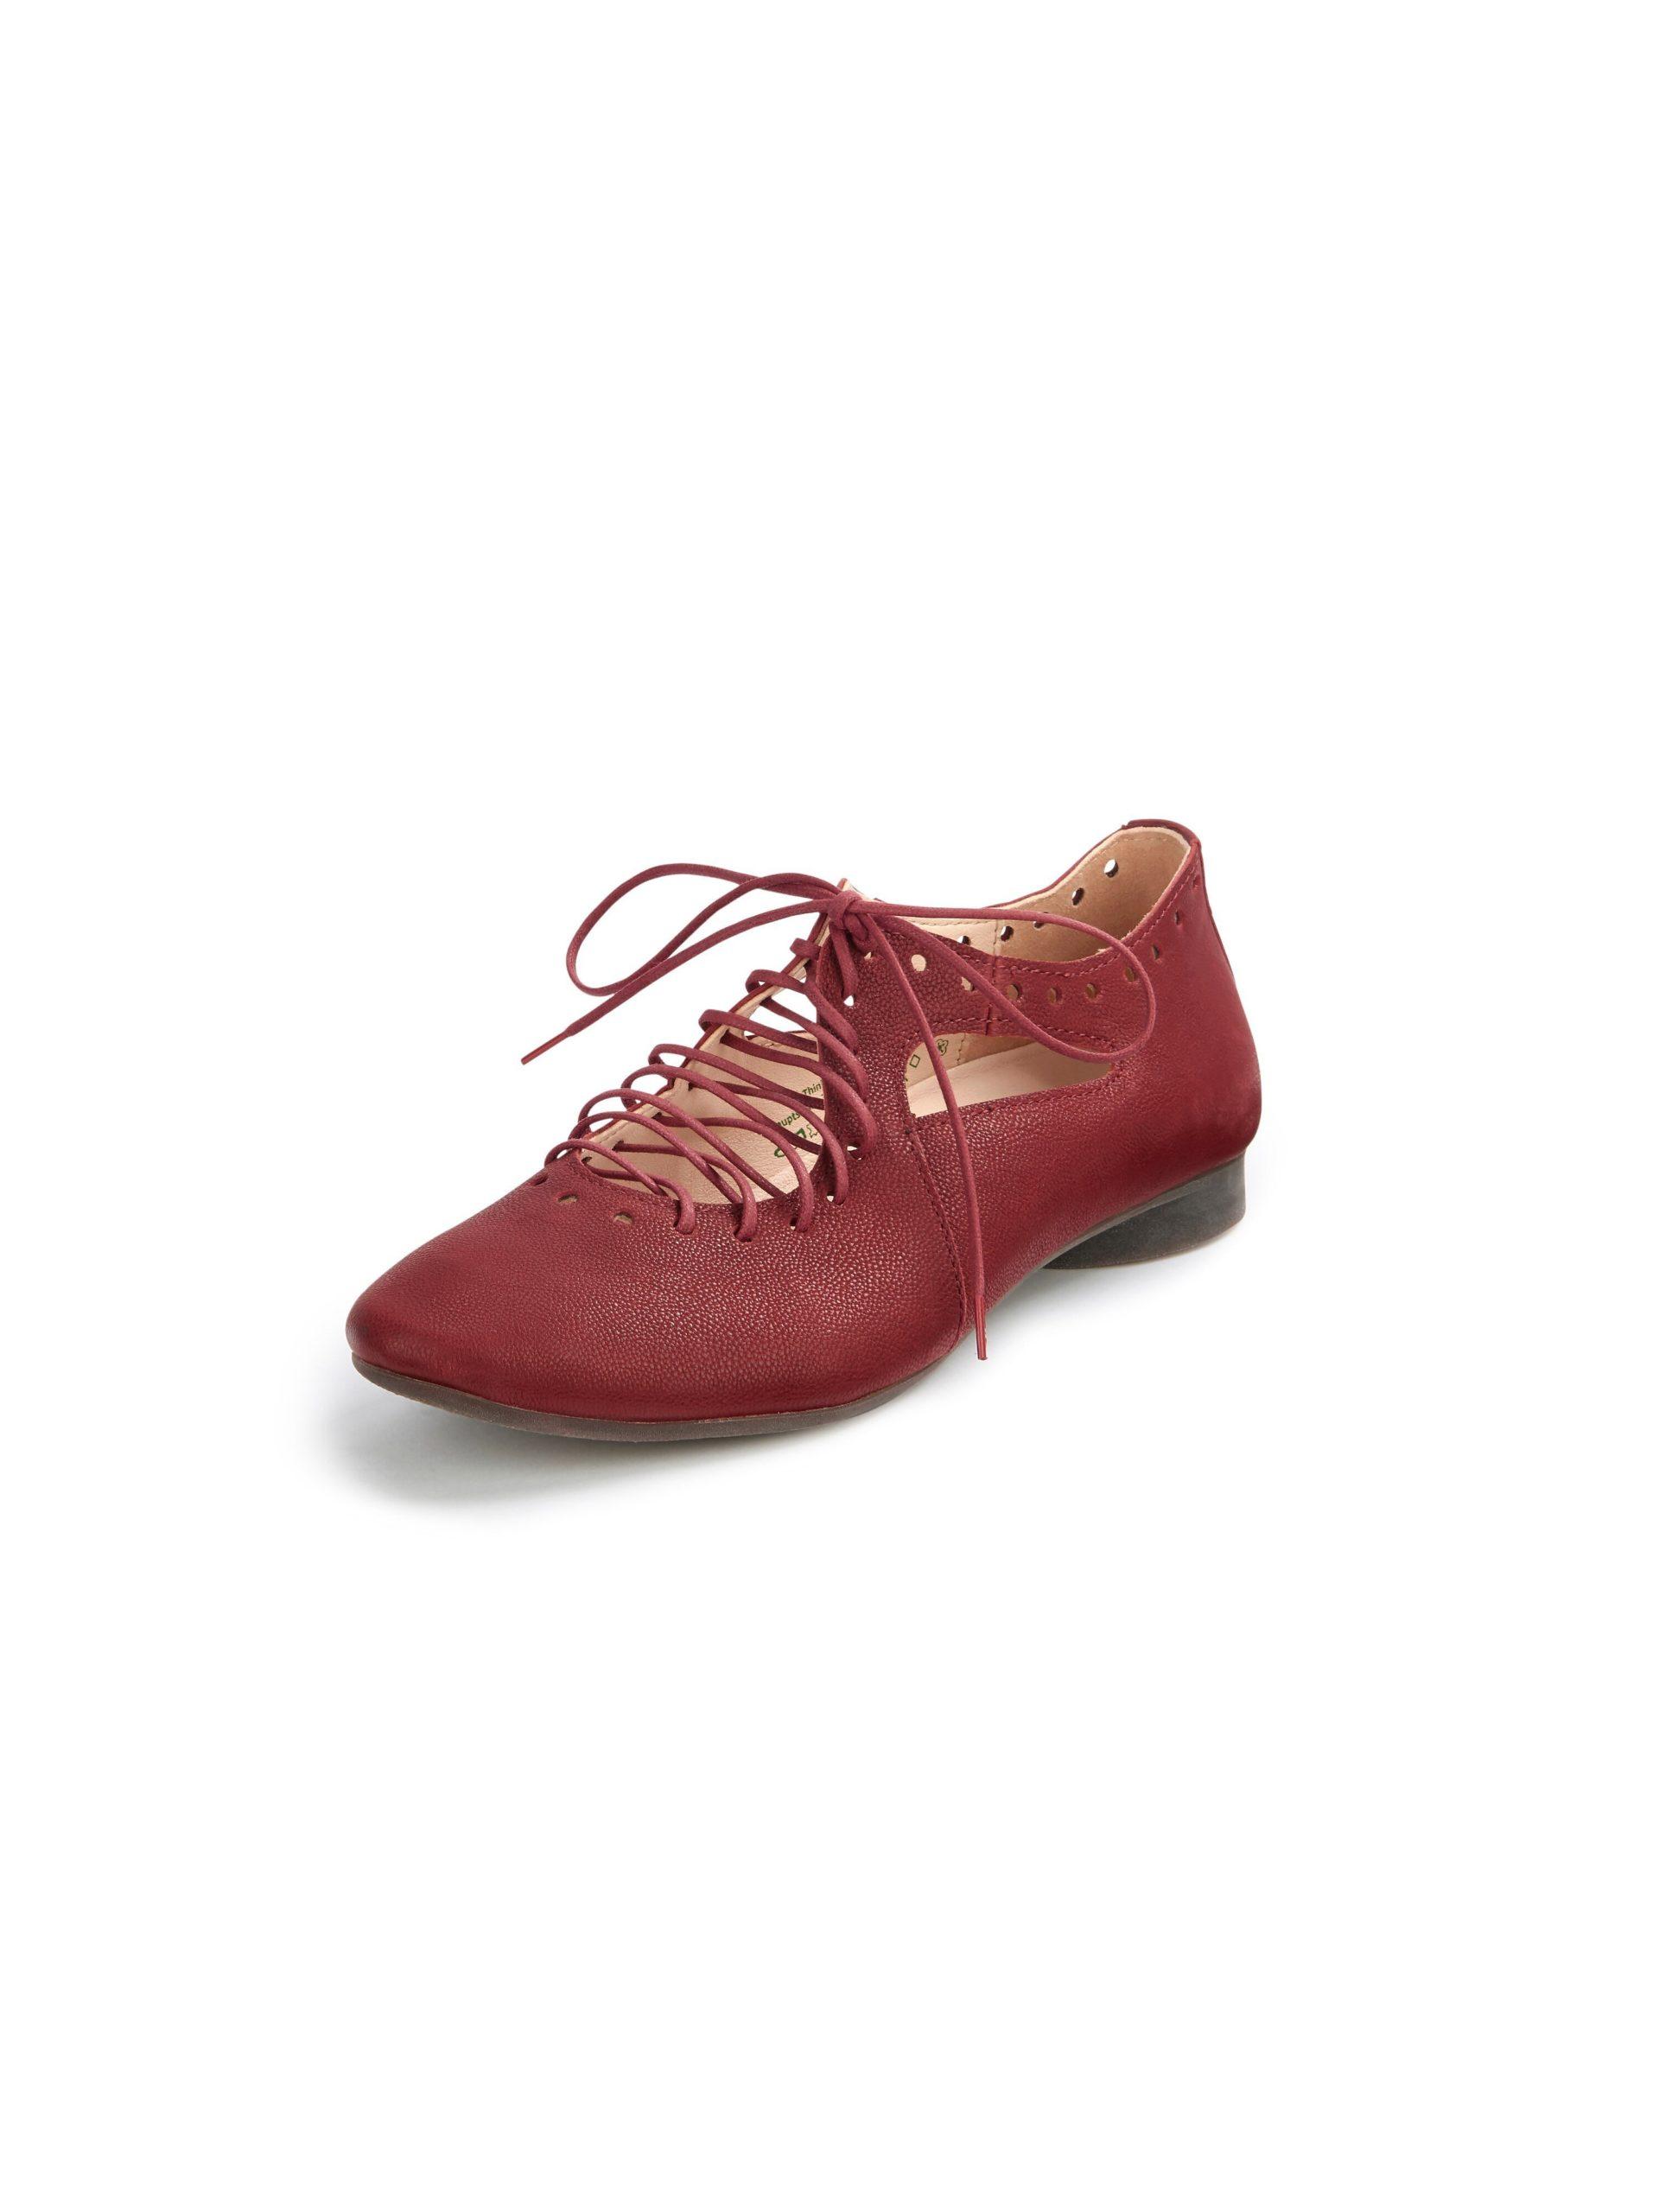 Schoenen model Guad Van Think! rood Kopen